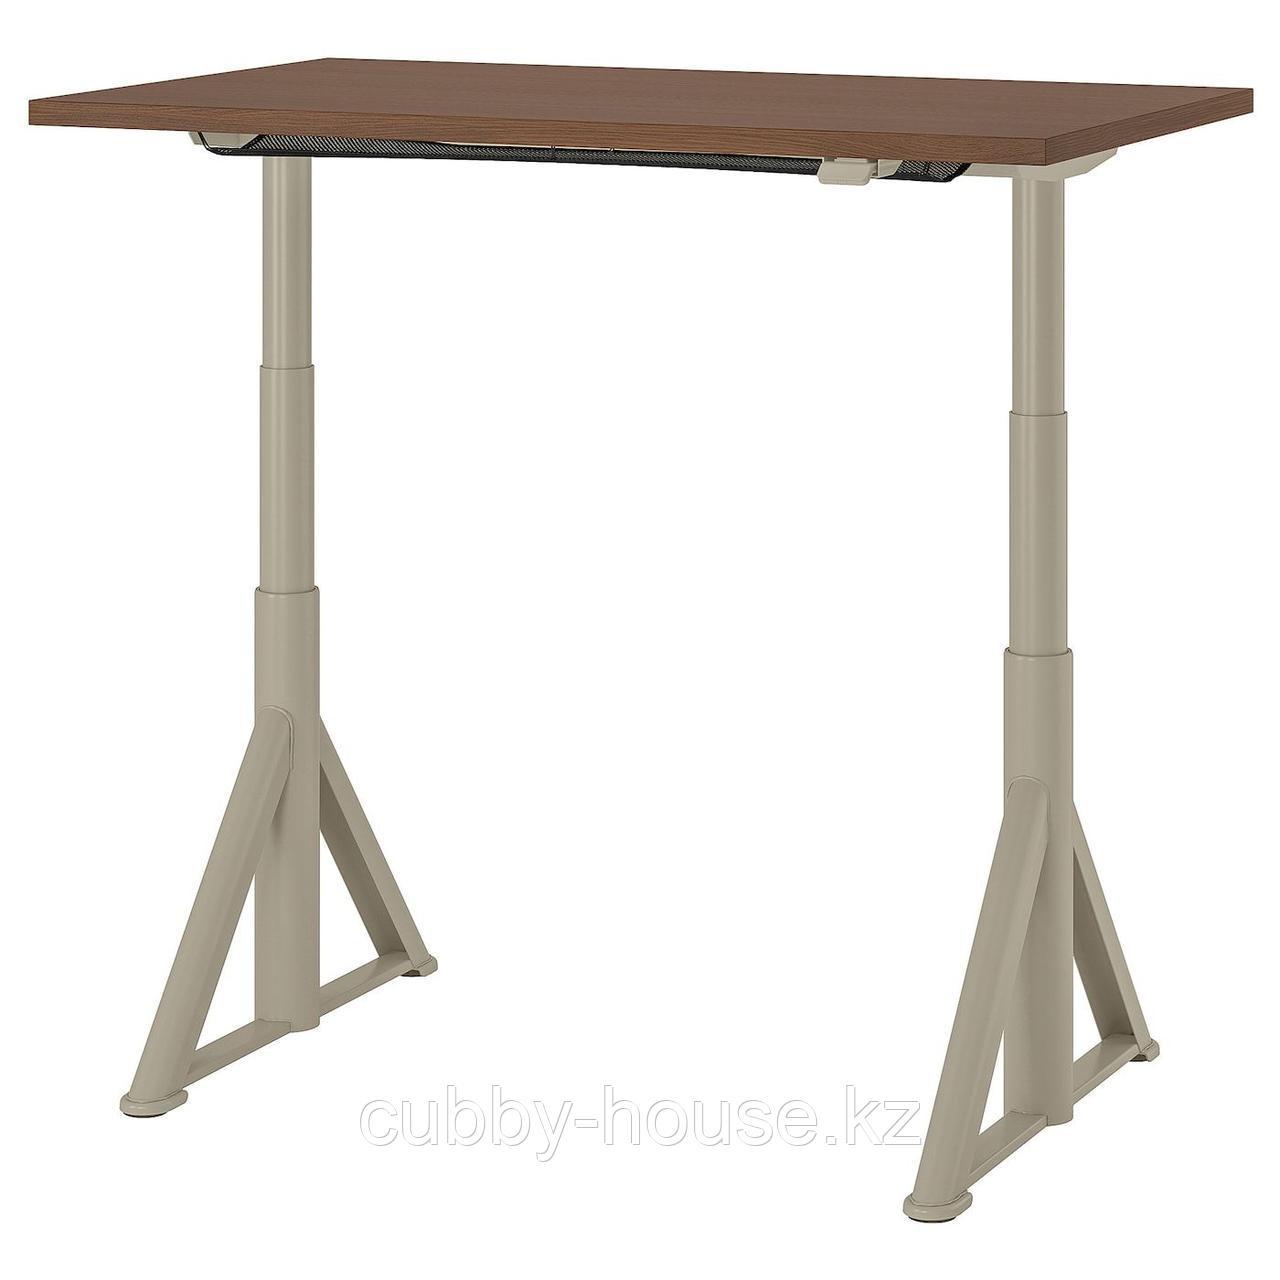 ИДОСЕН Стол/трансф, коричневый, бежевый, 120x70 см